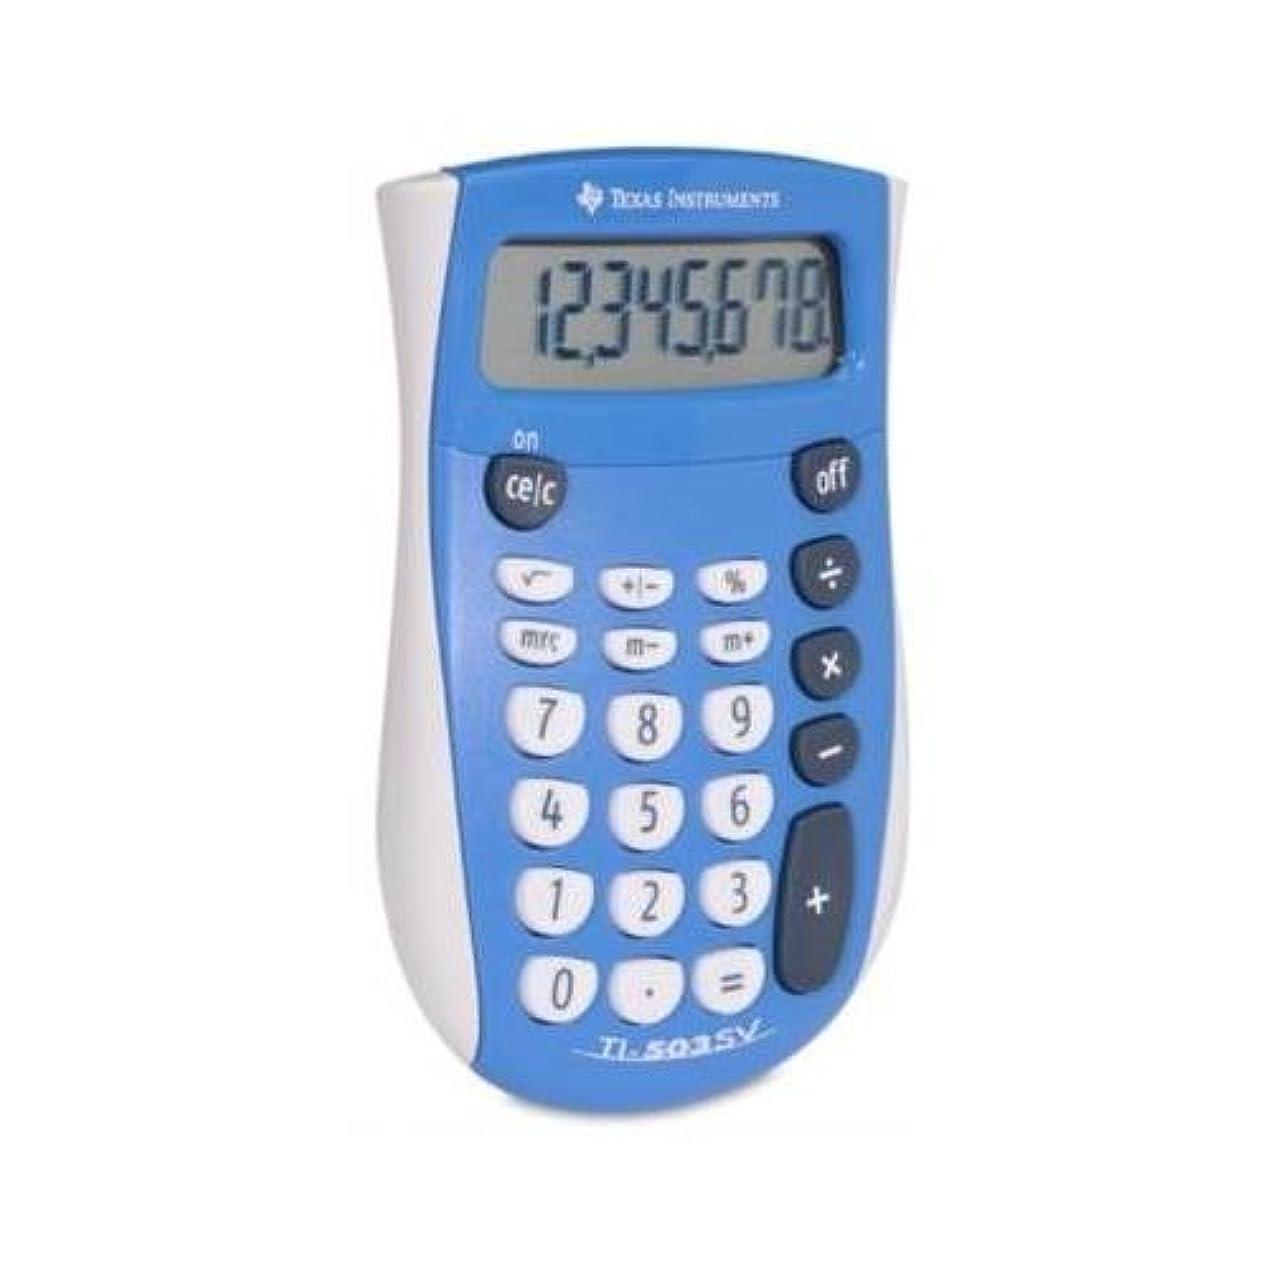 マニアック男やもめペレグリネーションTexas Instruments 503sv / FBL / 4l1?/ A ti-503?SV基本的な電卓8文字( S )?–?LCD?–?バッテリーPowered by Texas Instruments